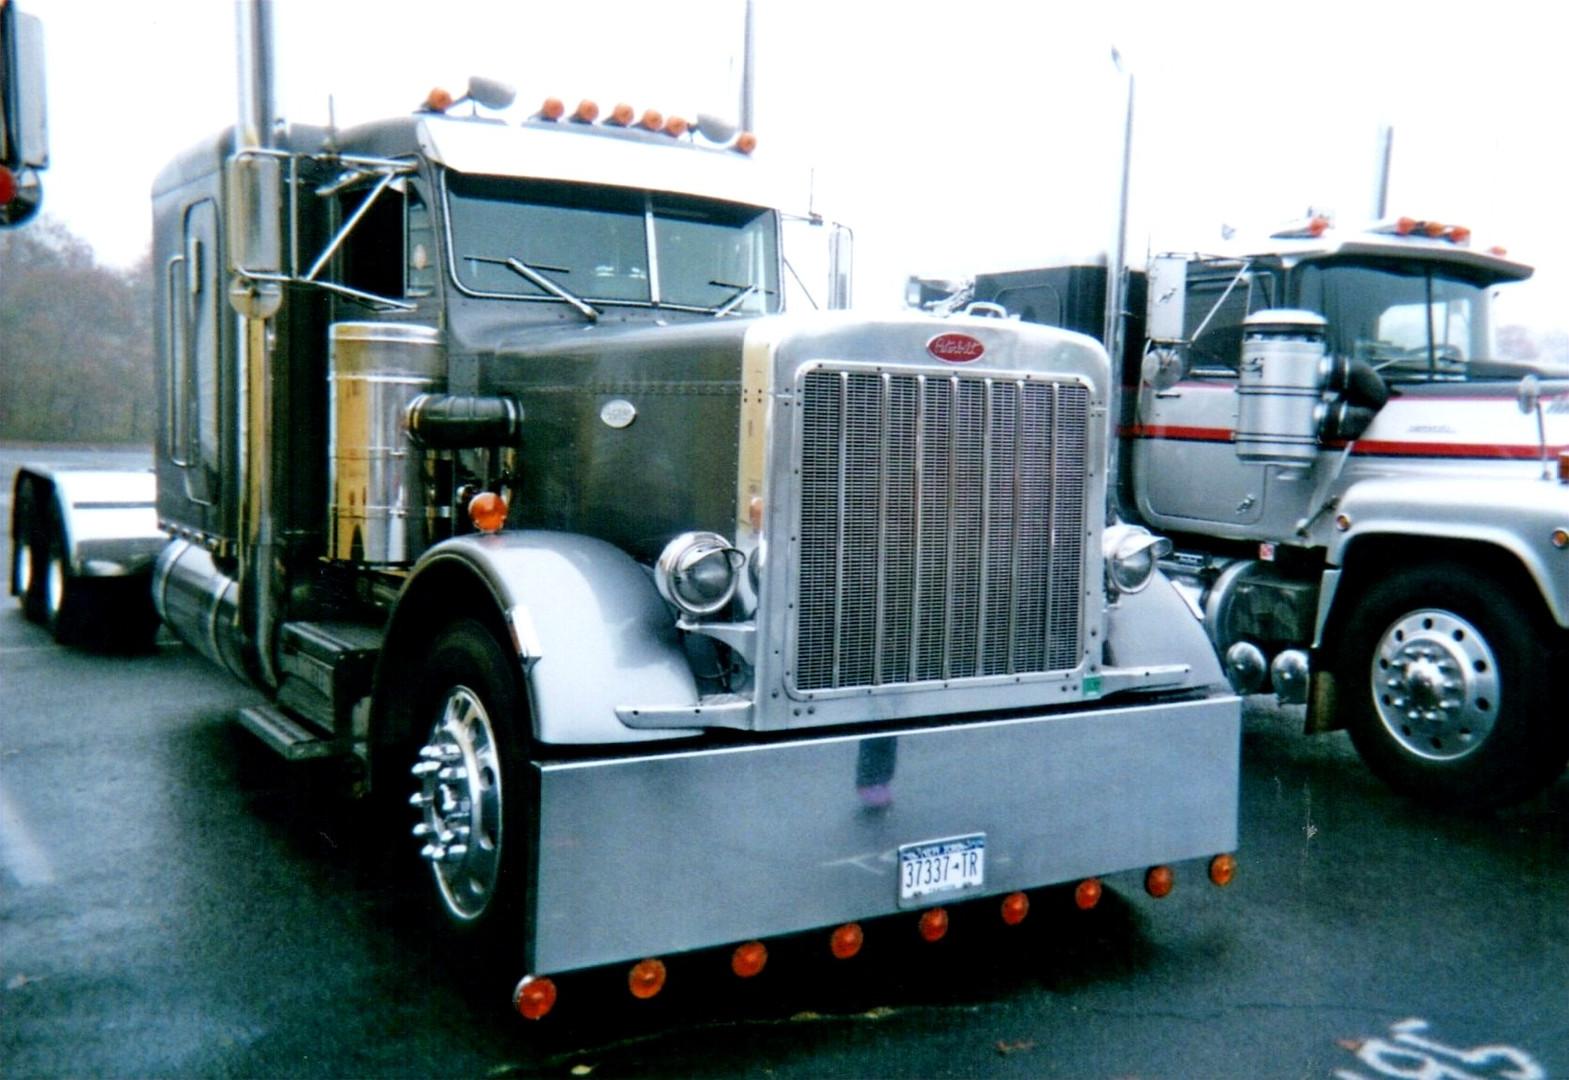 Joseph Castiglione's 1984 Peterbilt 359 tractor